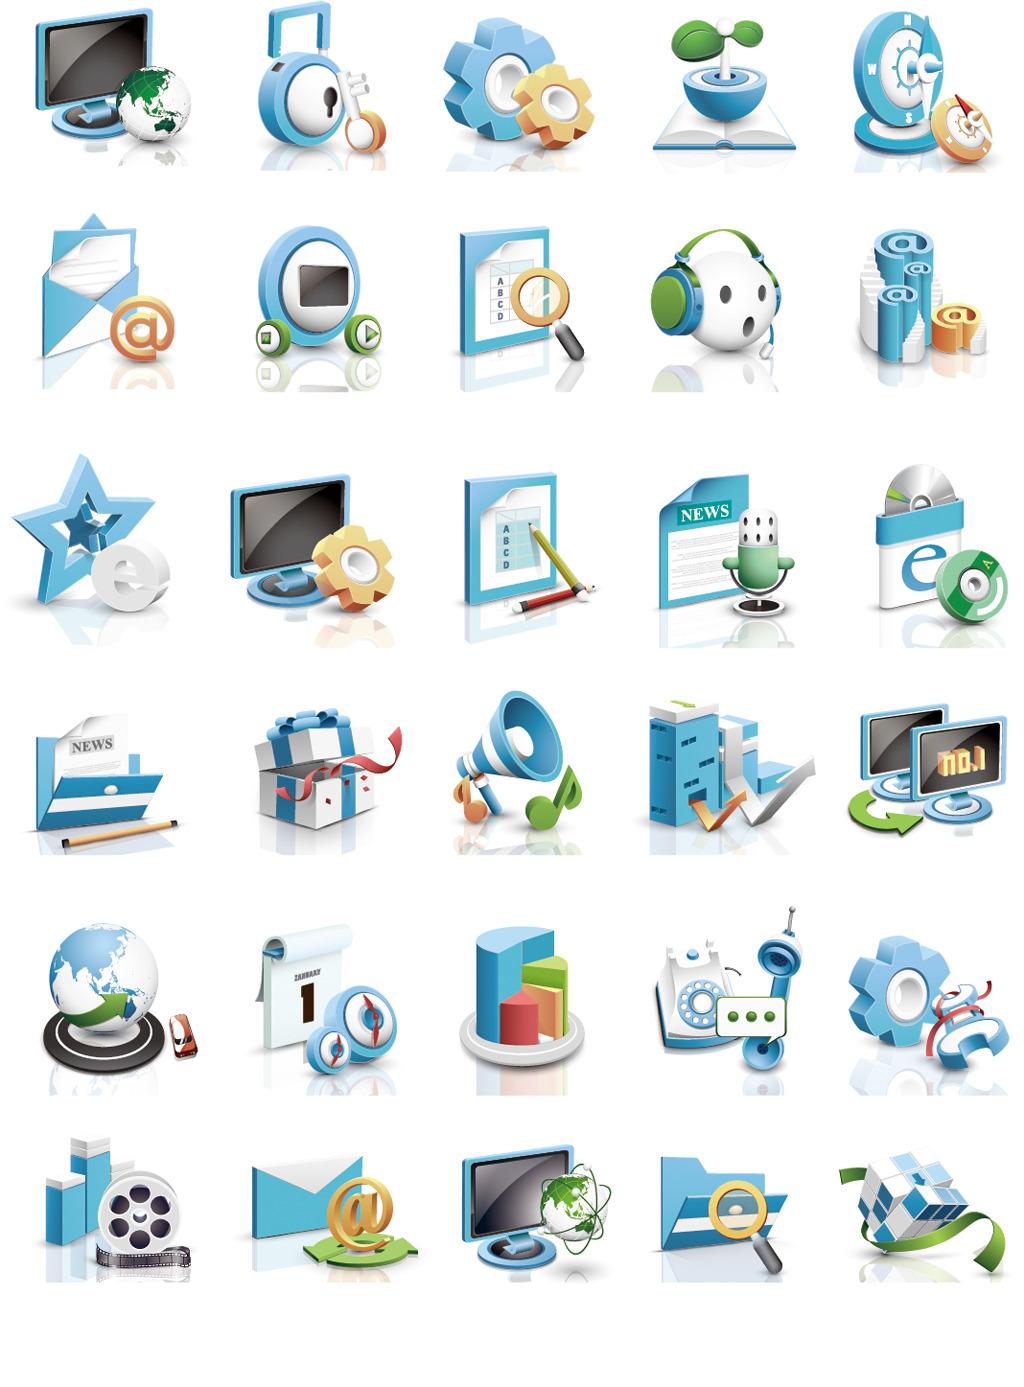 商务办公金融ppt图标素材